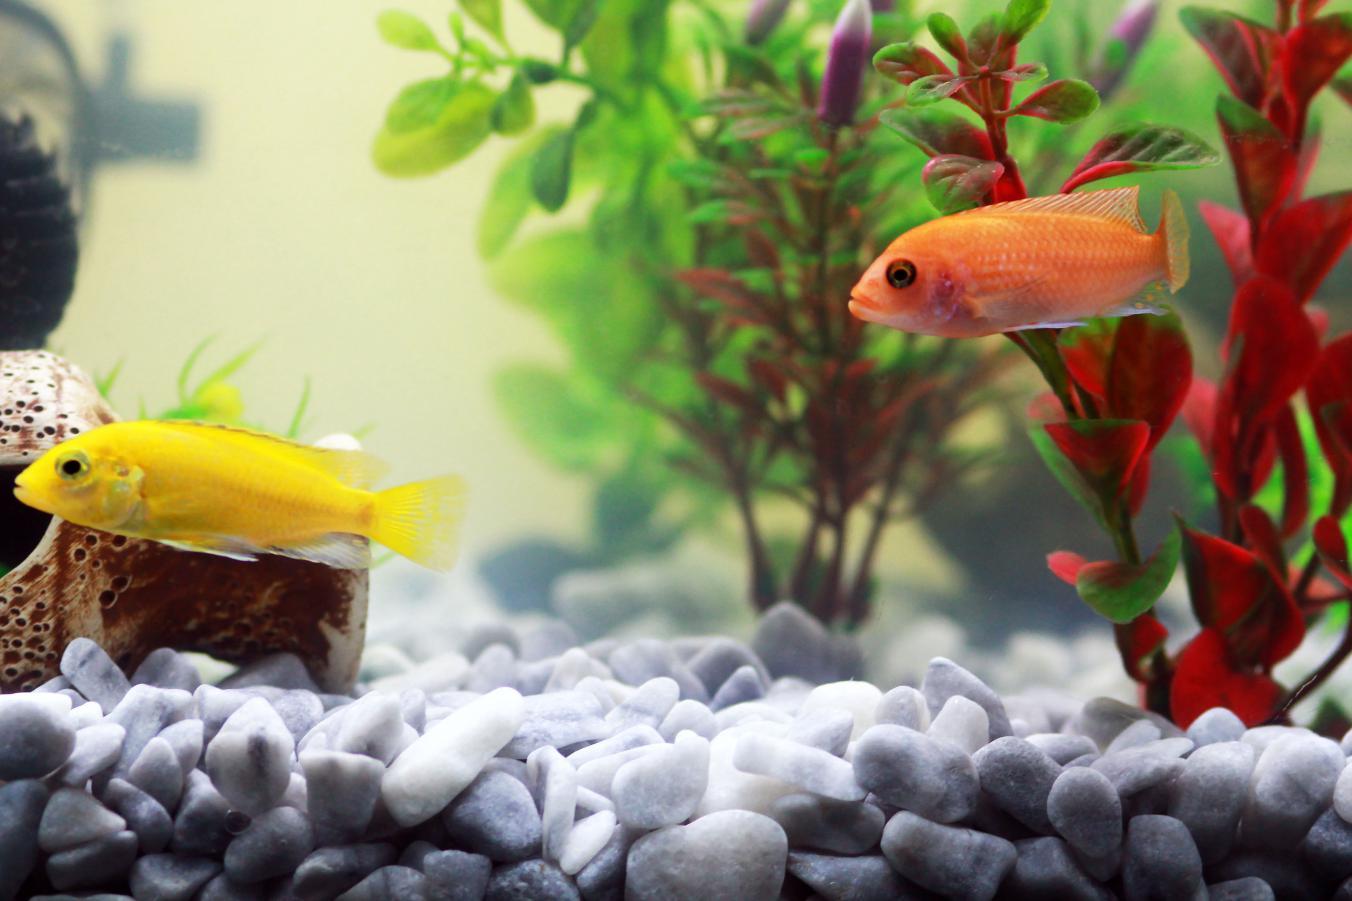 e06e08c5352a Proč je překrmování akvarijních ryb problém a co způsobuje ...